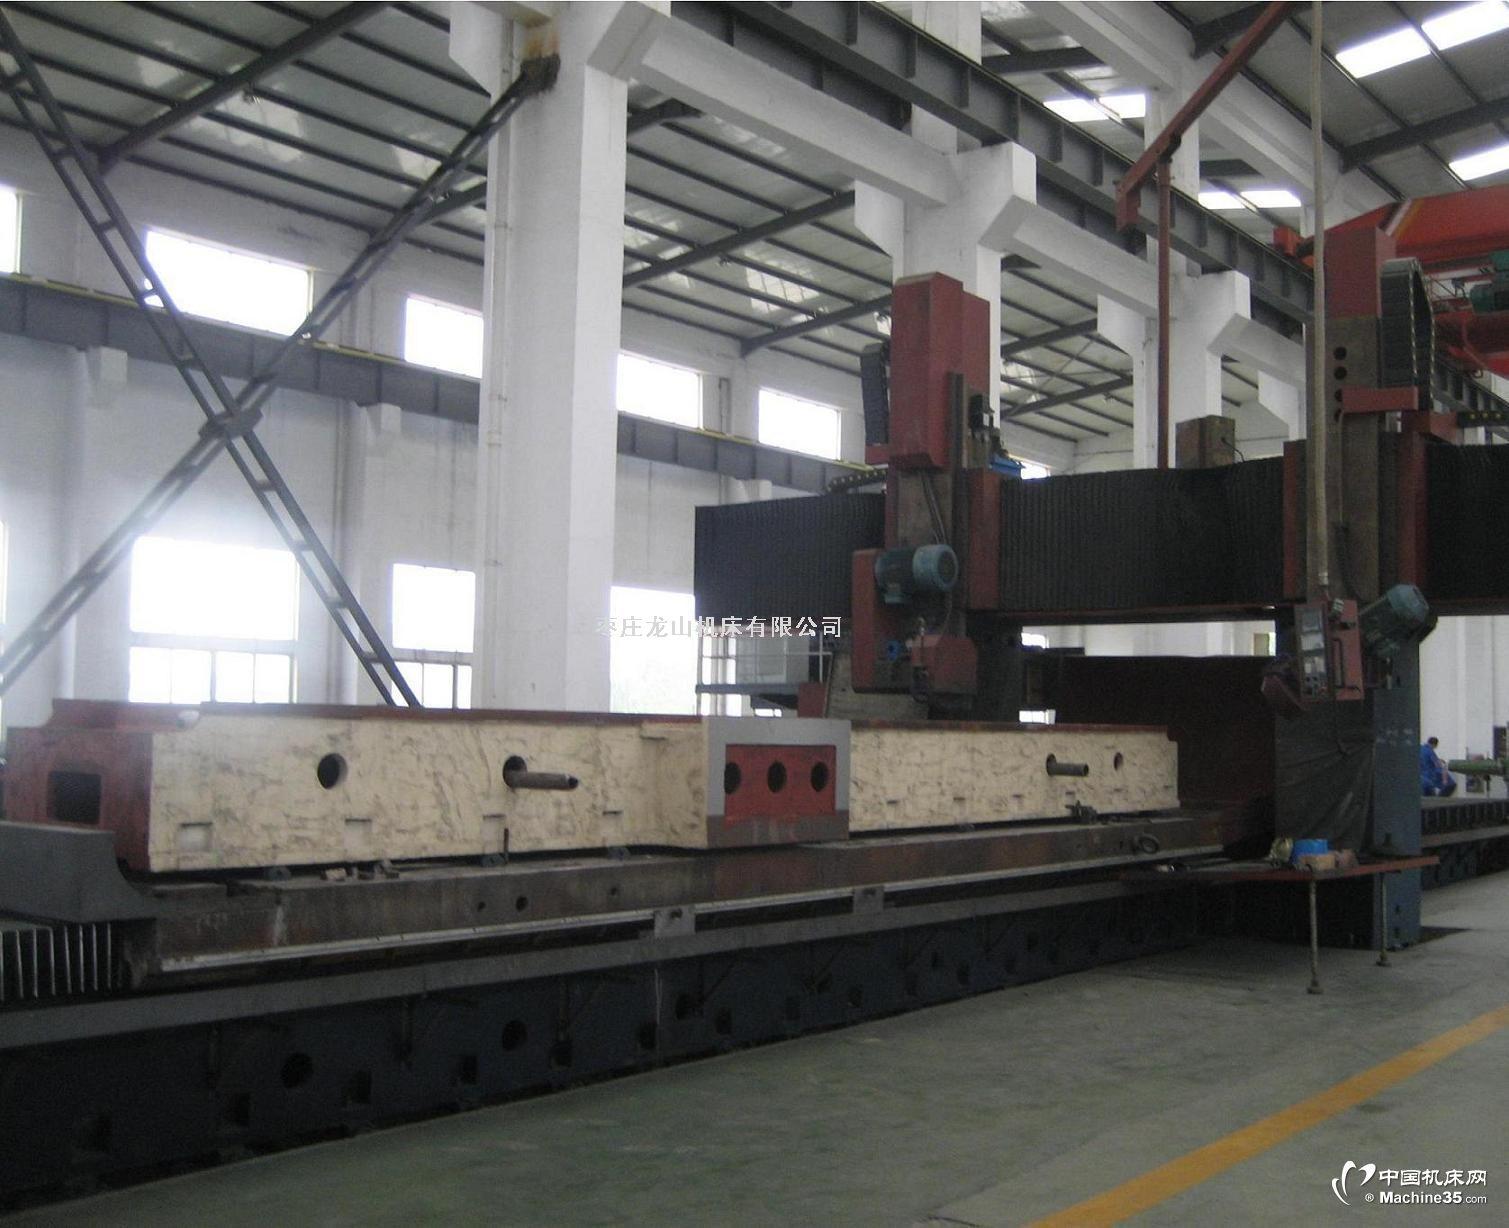 大型龙门导轨磨床、龙门刨铣床、落地镗床等承接机械加工